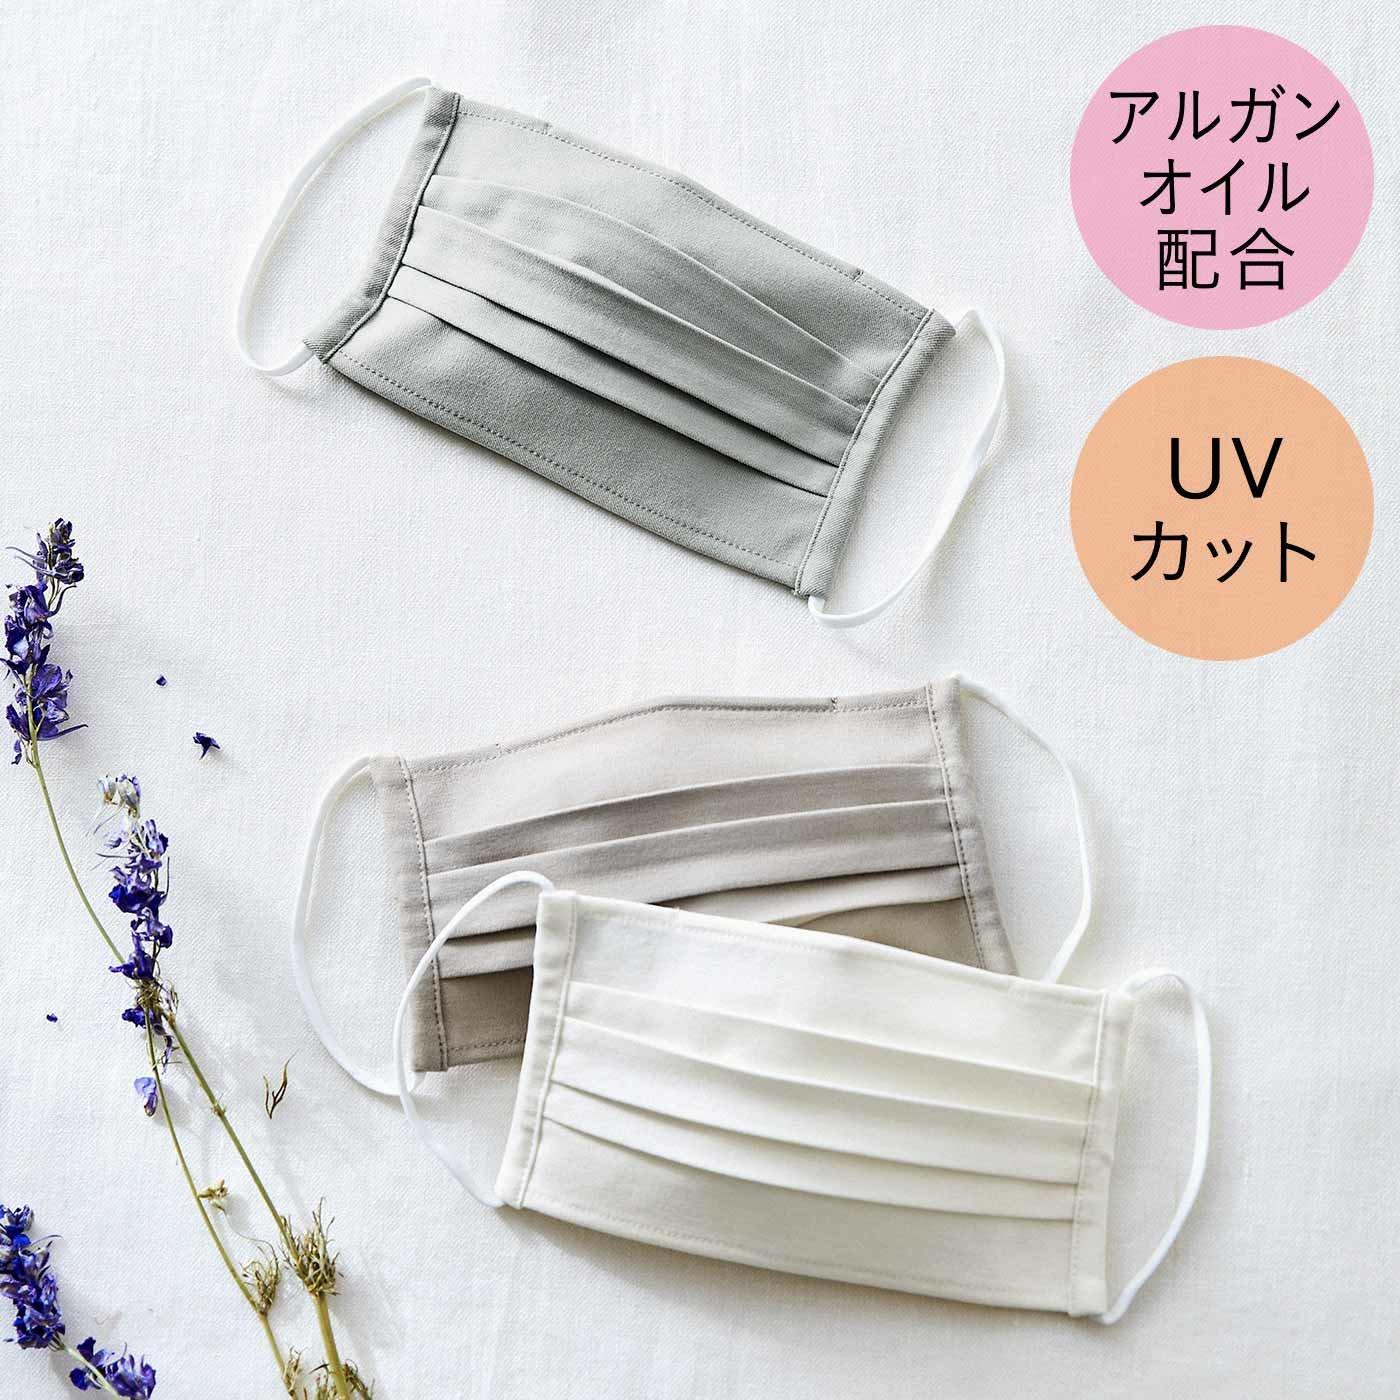 【3~10日でお届け】IEDIT[イディット] UVケア アルガンオイル配合でなめらかな肌ざわりがうれしい プリーツ布マスク